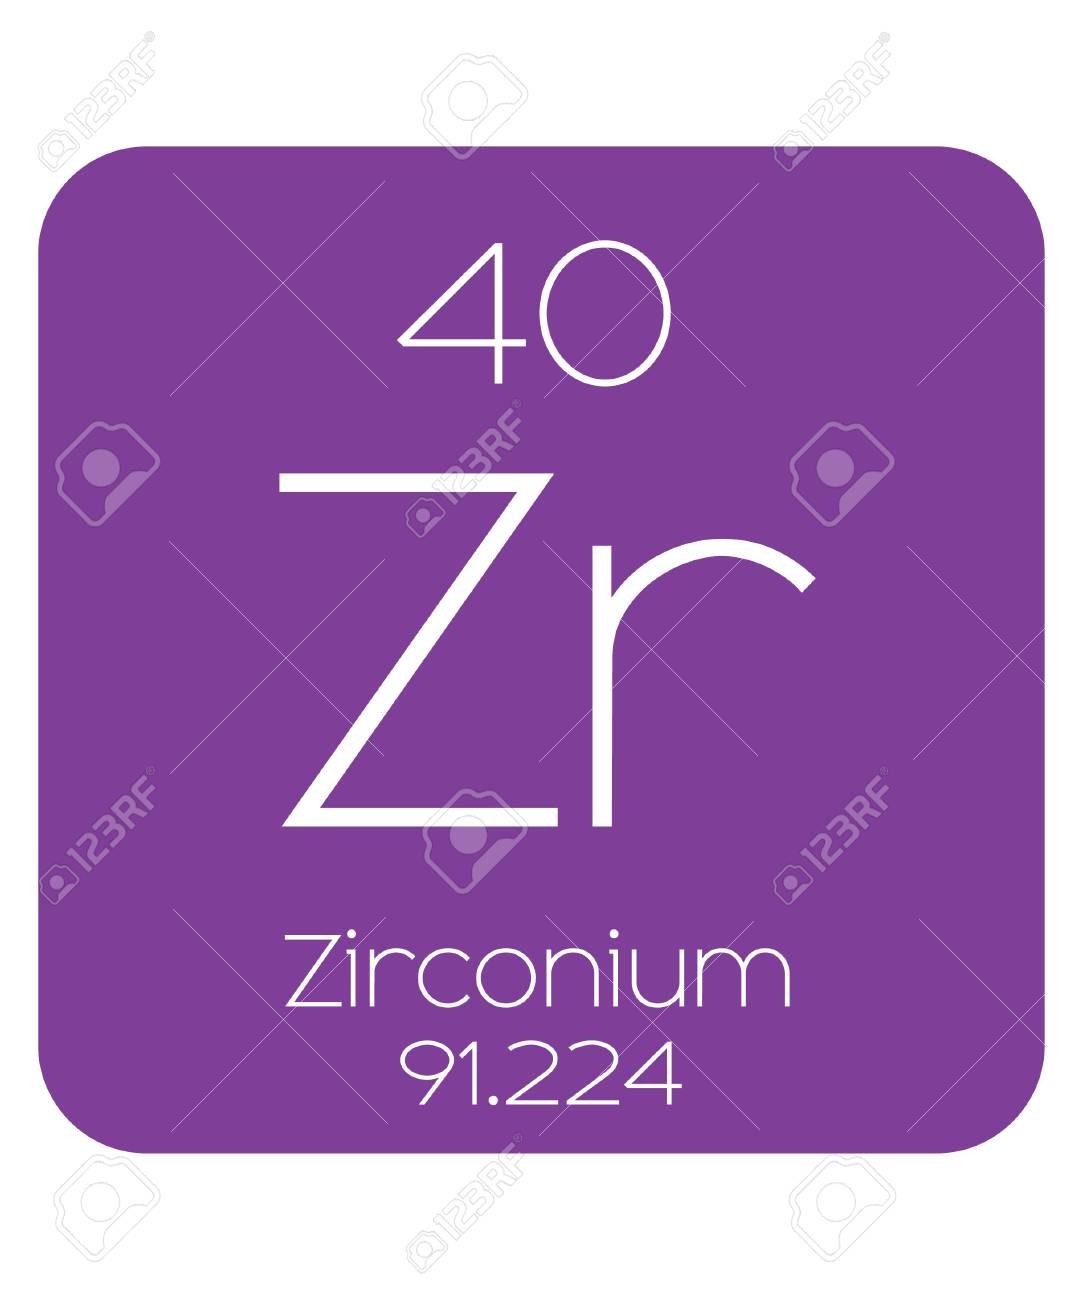 The periodic table of the elements zirconium stock photo picture stock photo the periodic table of the elements zirconium urtaz Images